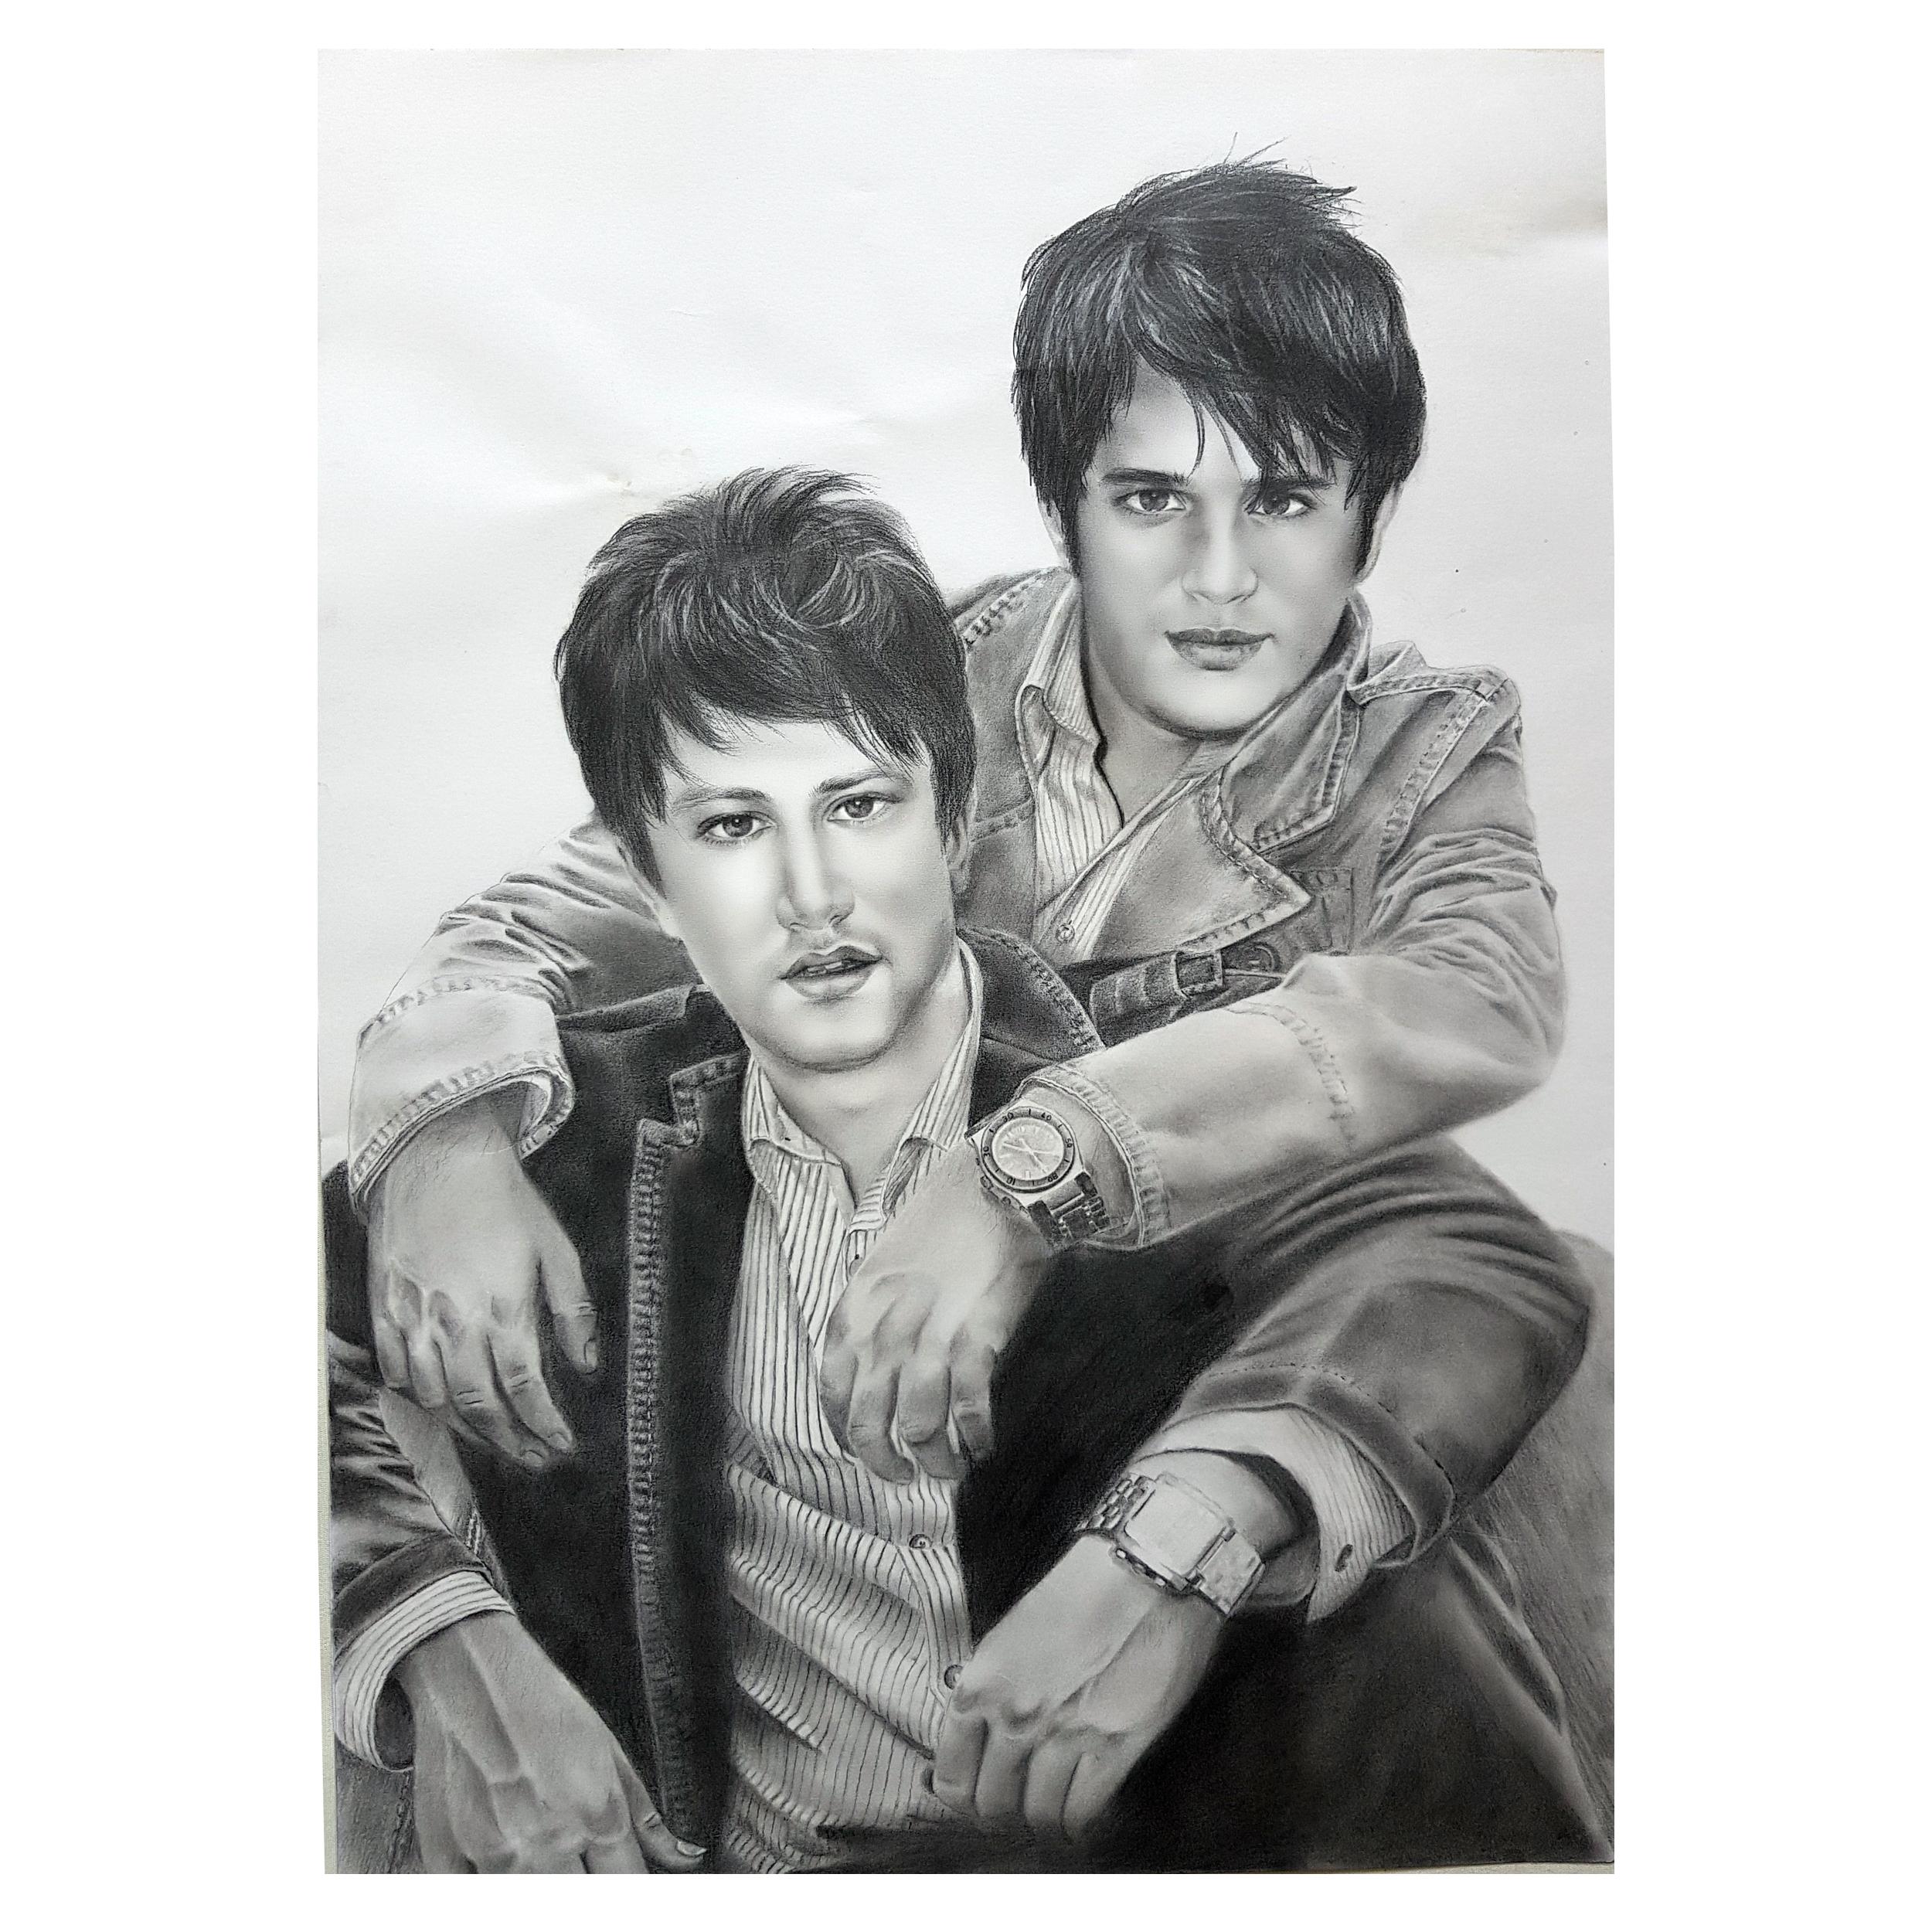 تابلو نقاشی سیاه قلم طرح چهره شاهرخ استخری و سیاوش خیرابی